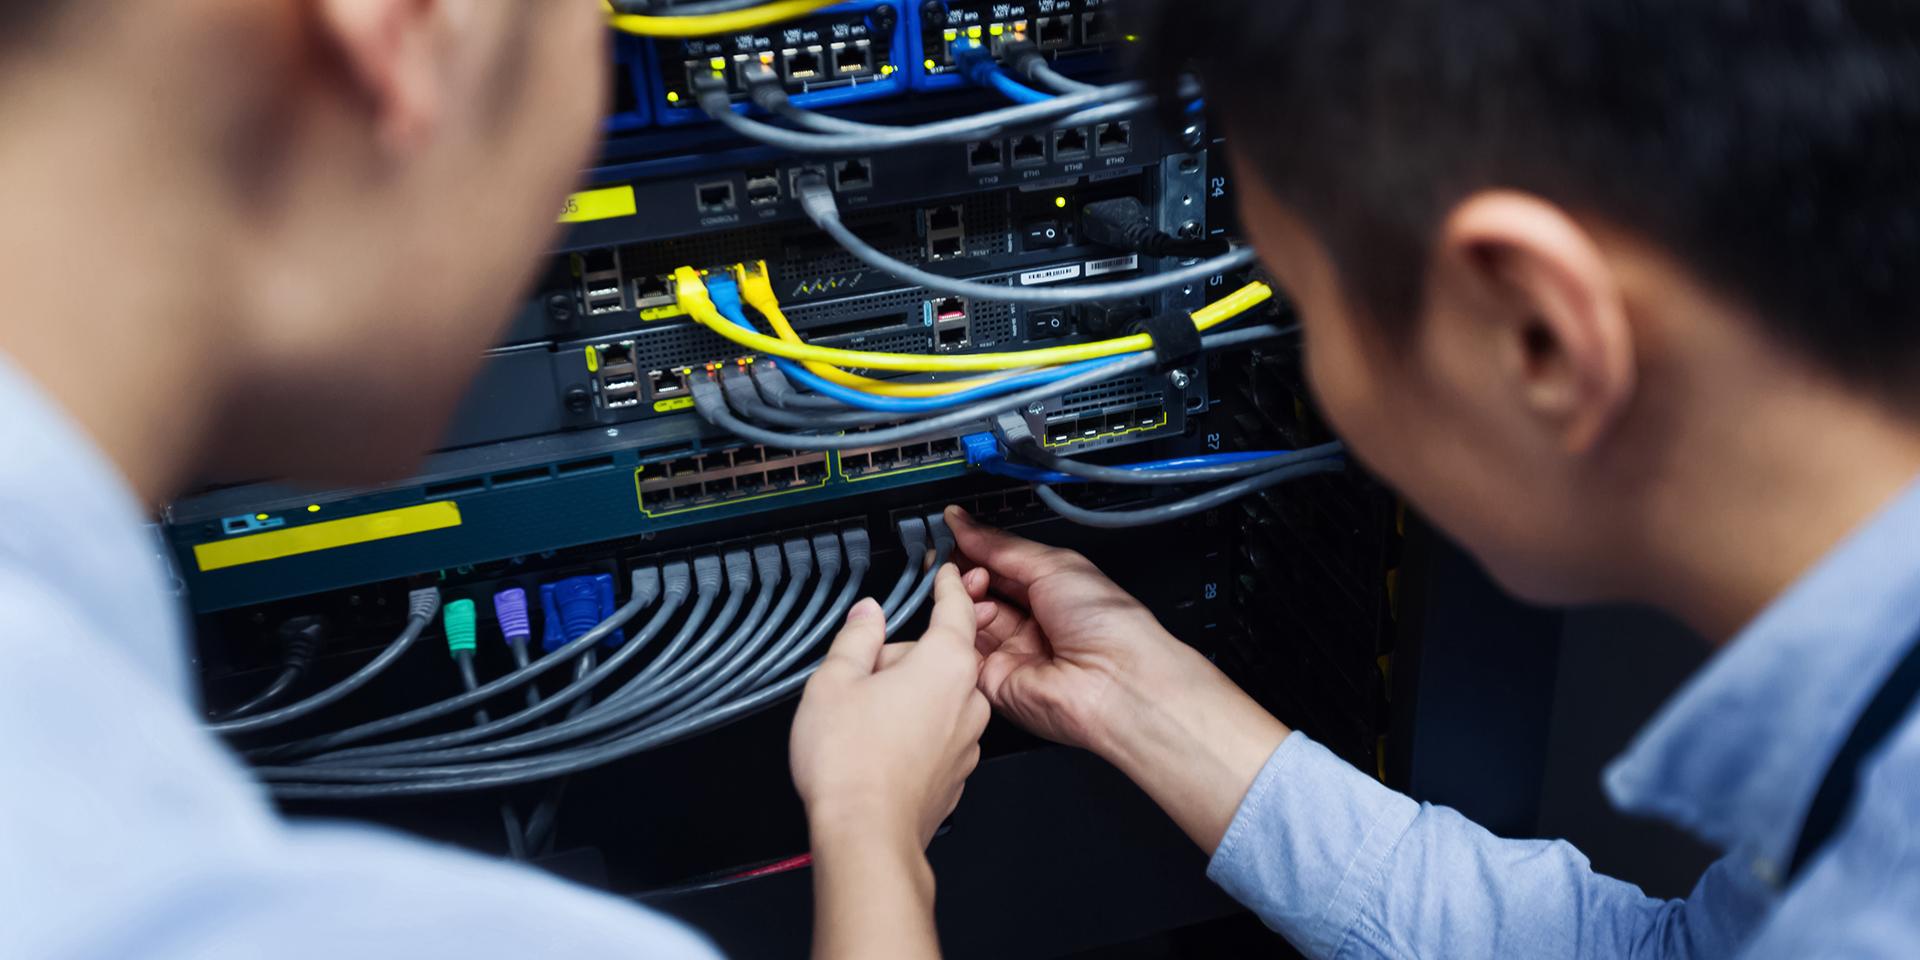 In der Bündelung des IT-Know Hows liegt die Chance der Weiterentwicklung und gleichzeitig die Antwort für die zukünftigen Herausforderungen der ELKB.